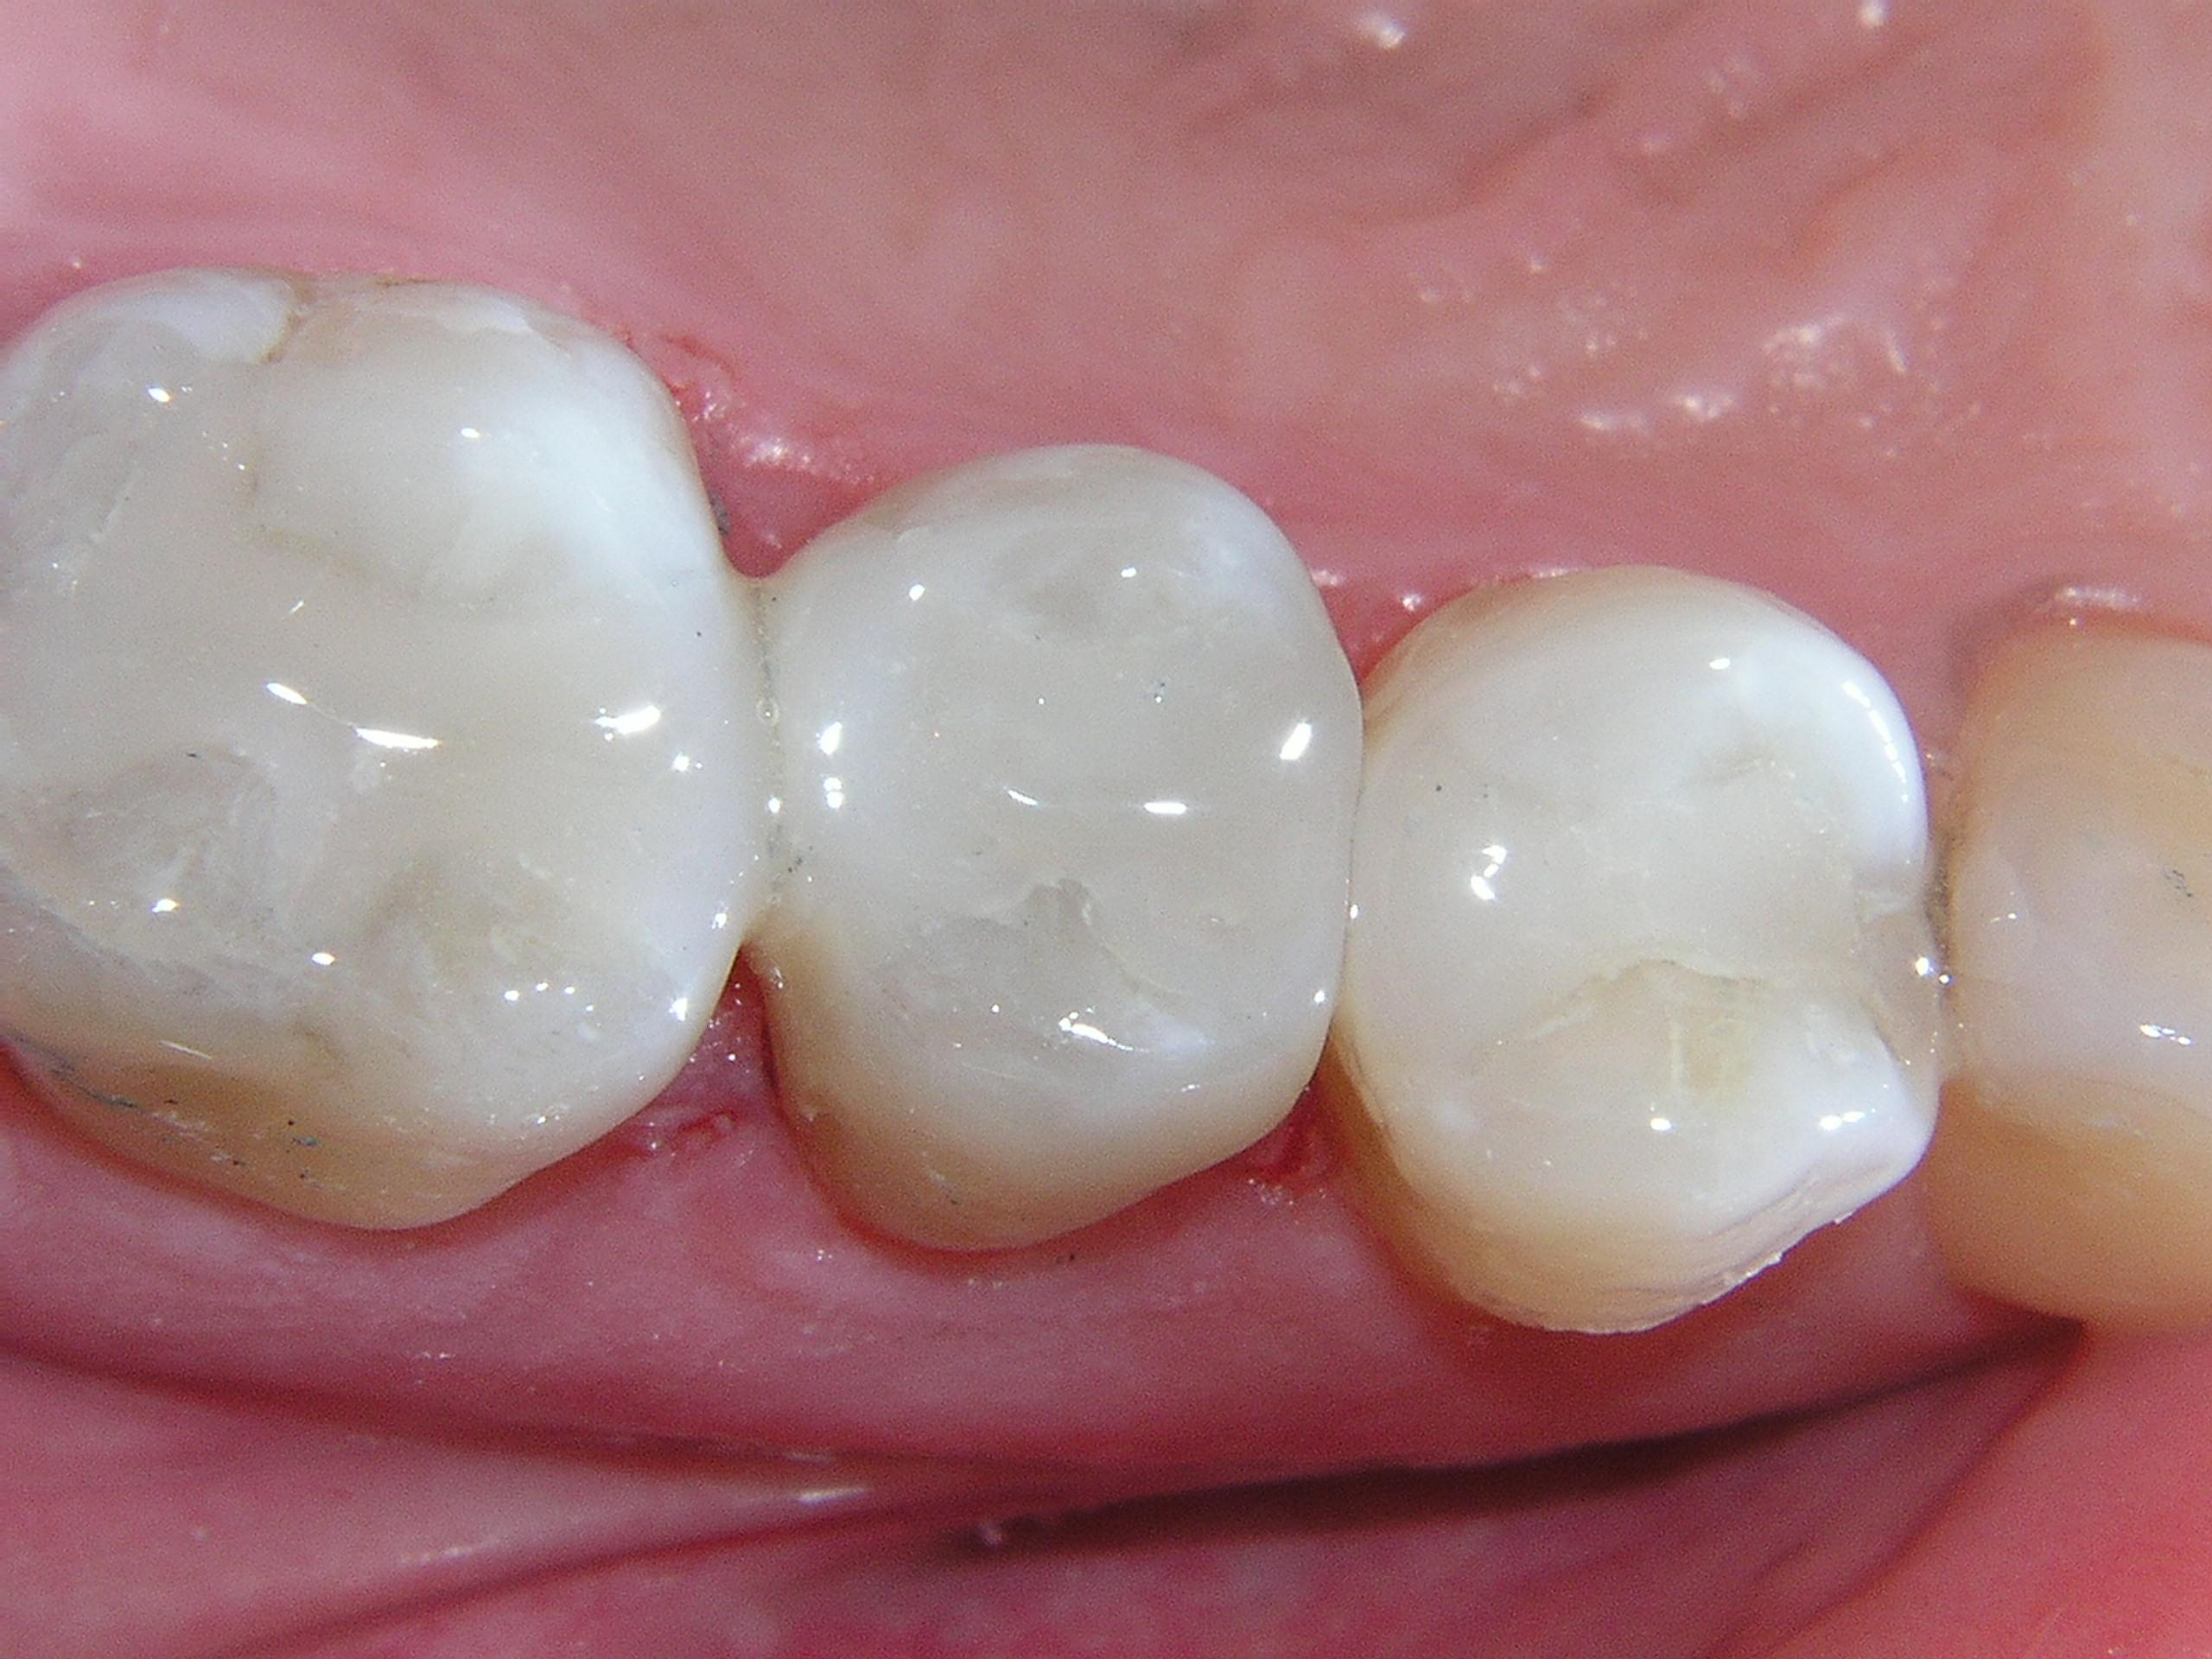 دندانهای ترمیمشده با کامپوزیت